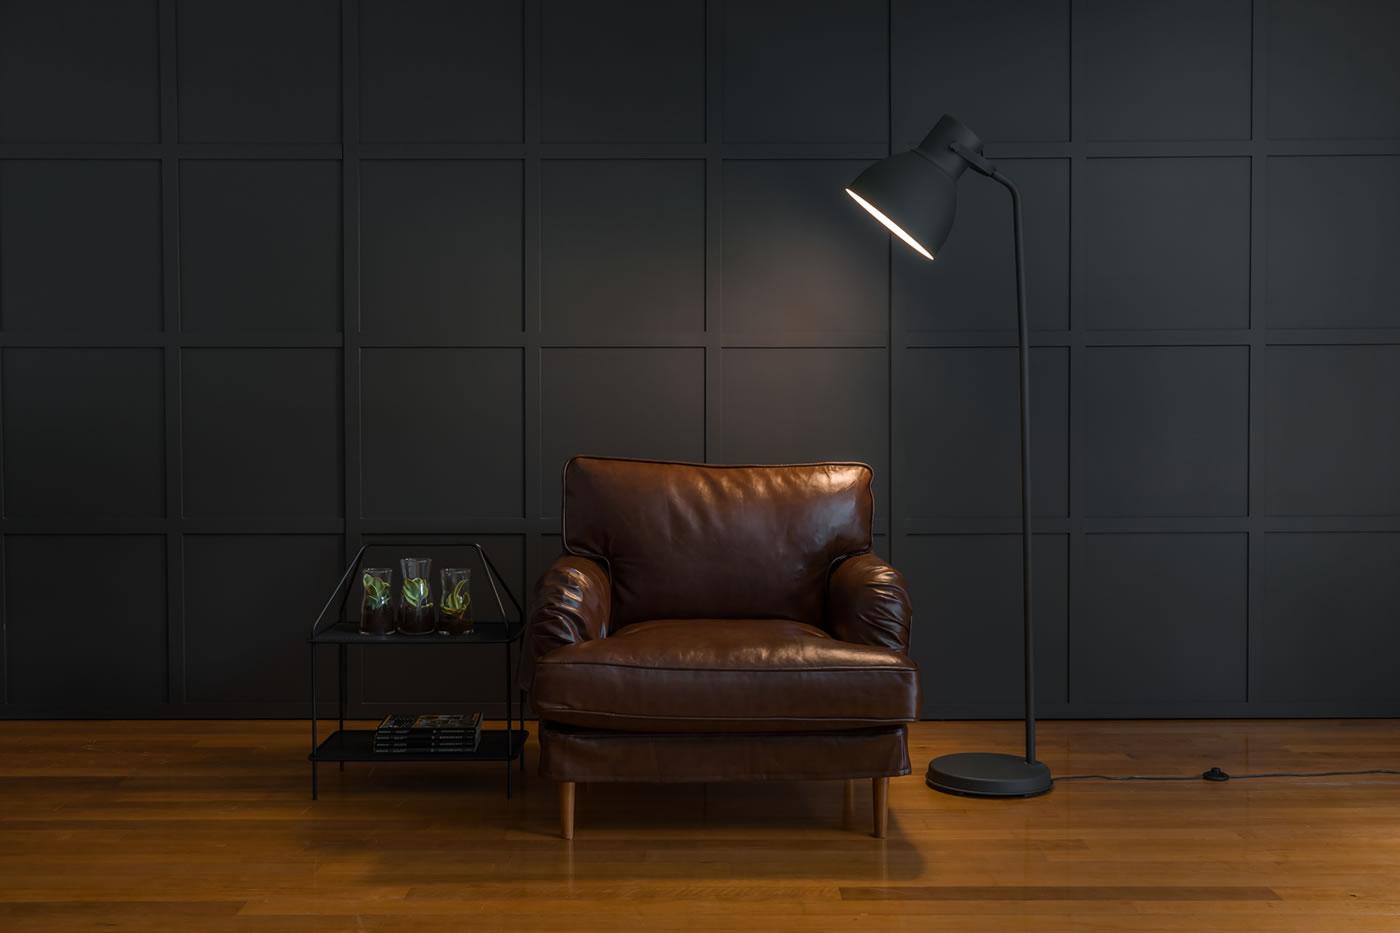 Sofás y Sillones IKEA con Fundas de Cuero Urbanskin Chestnut de Comfort Works